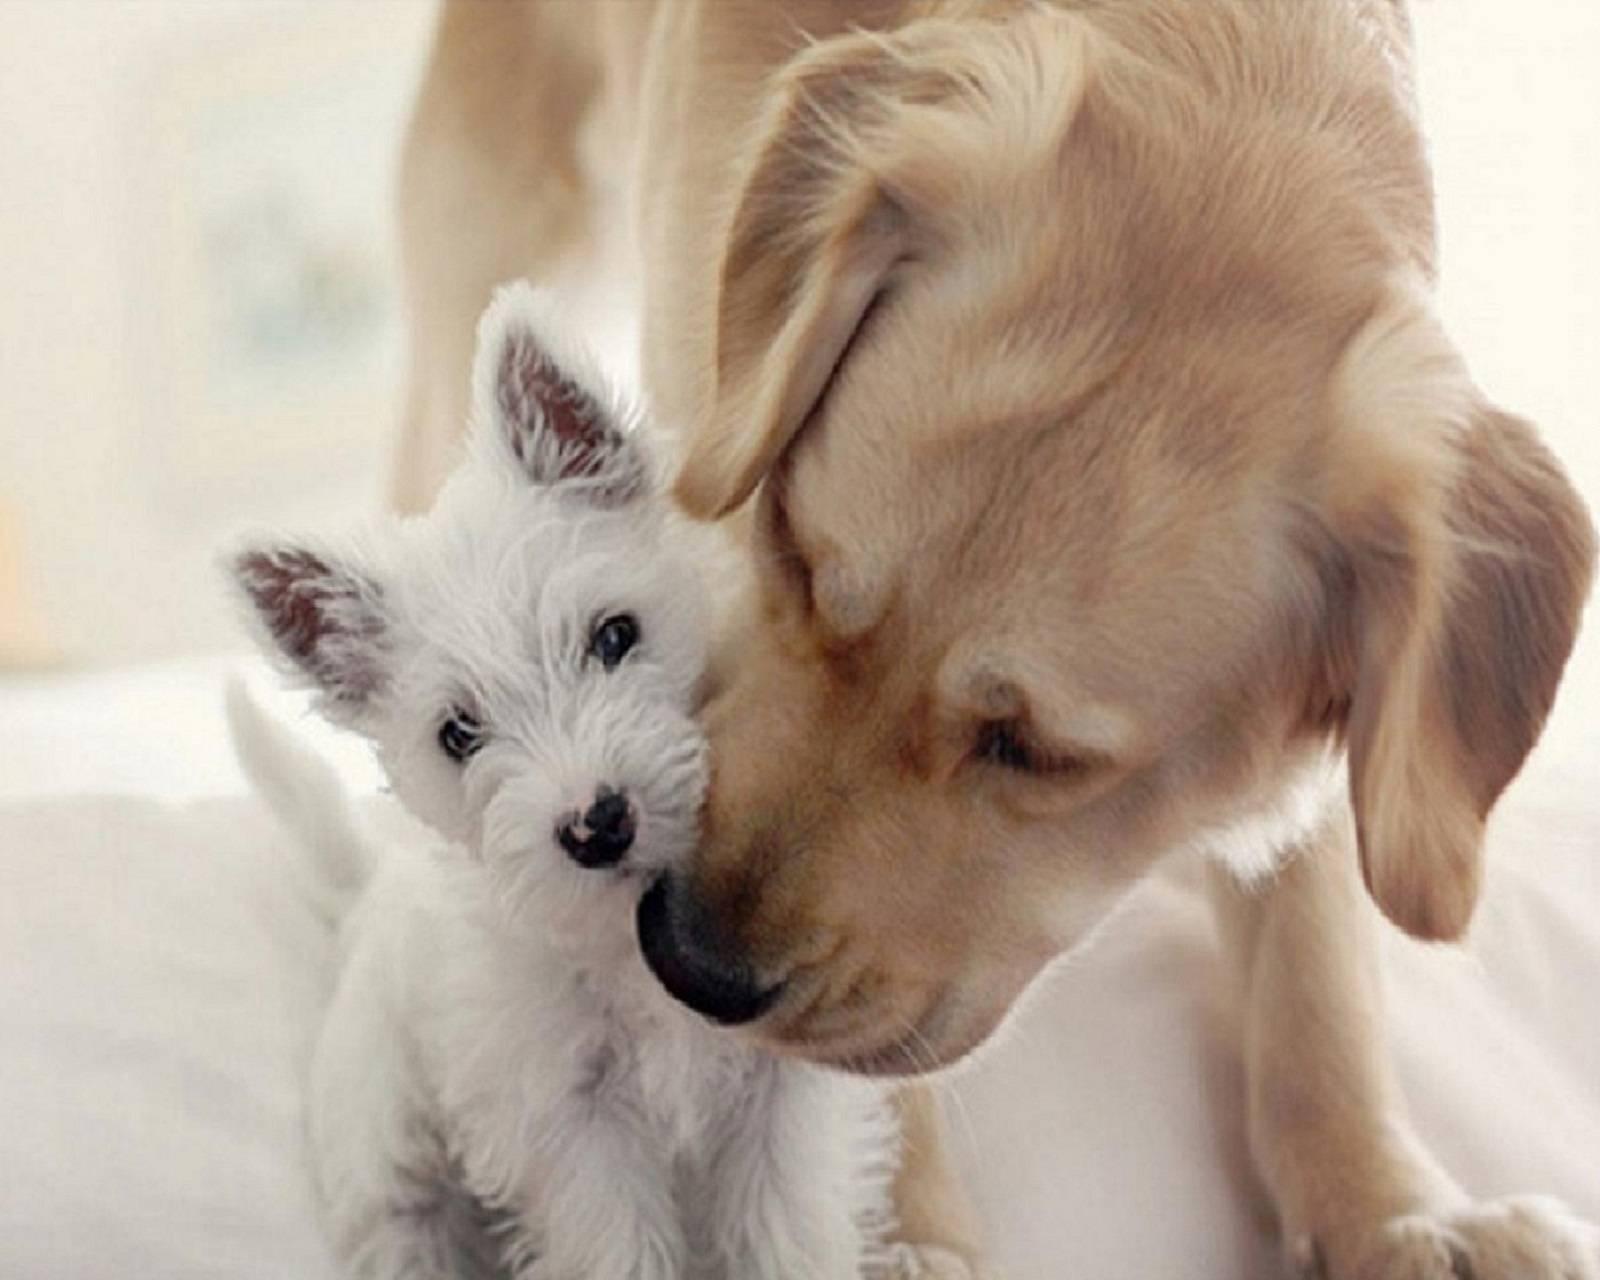 Картинки на аву собак и кошек